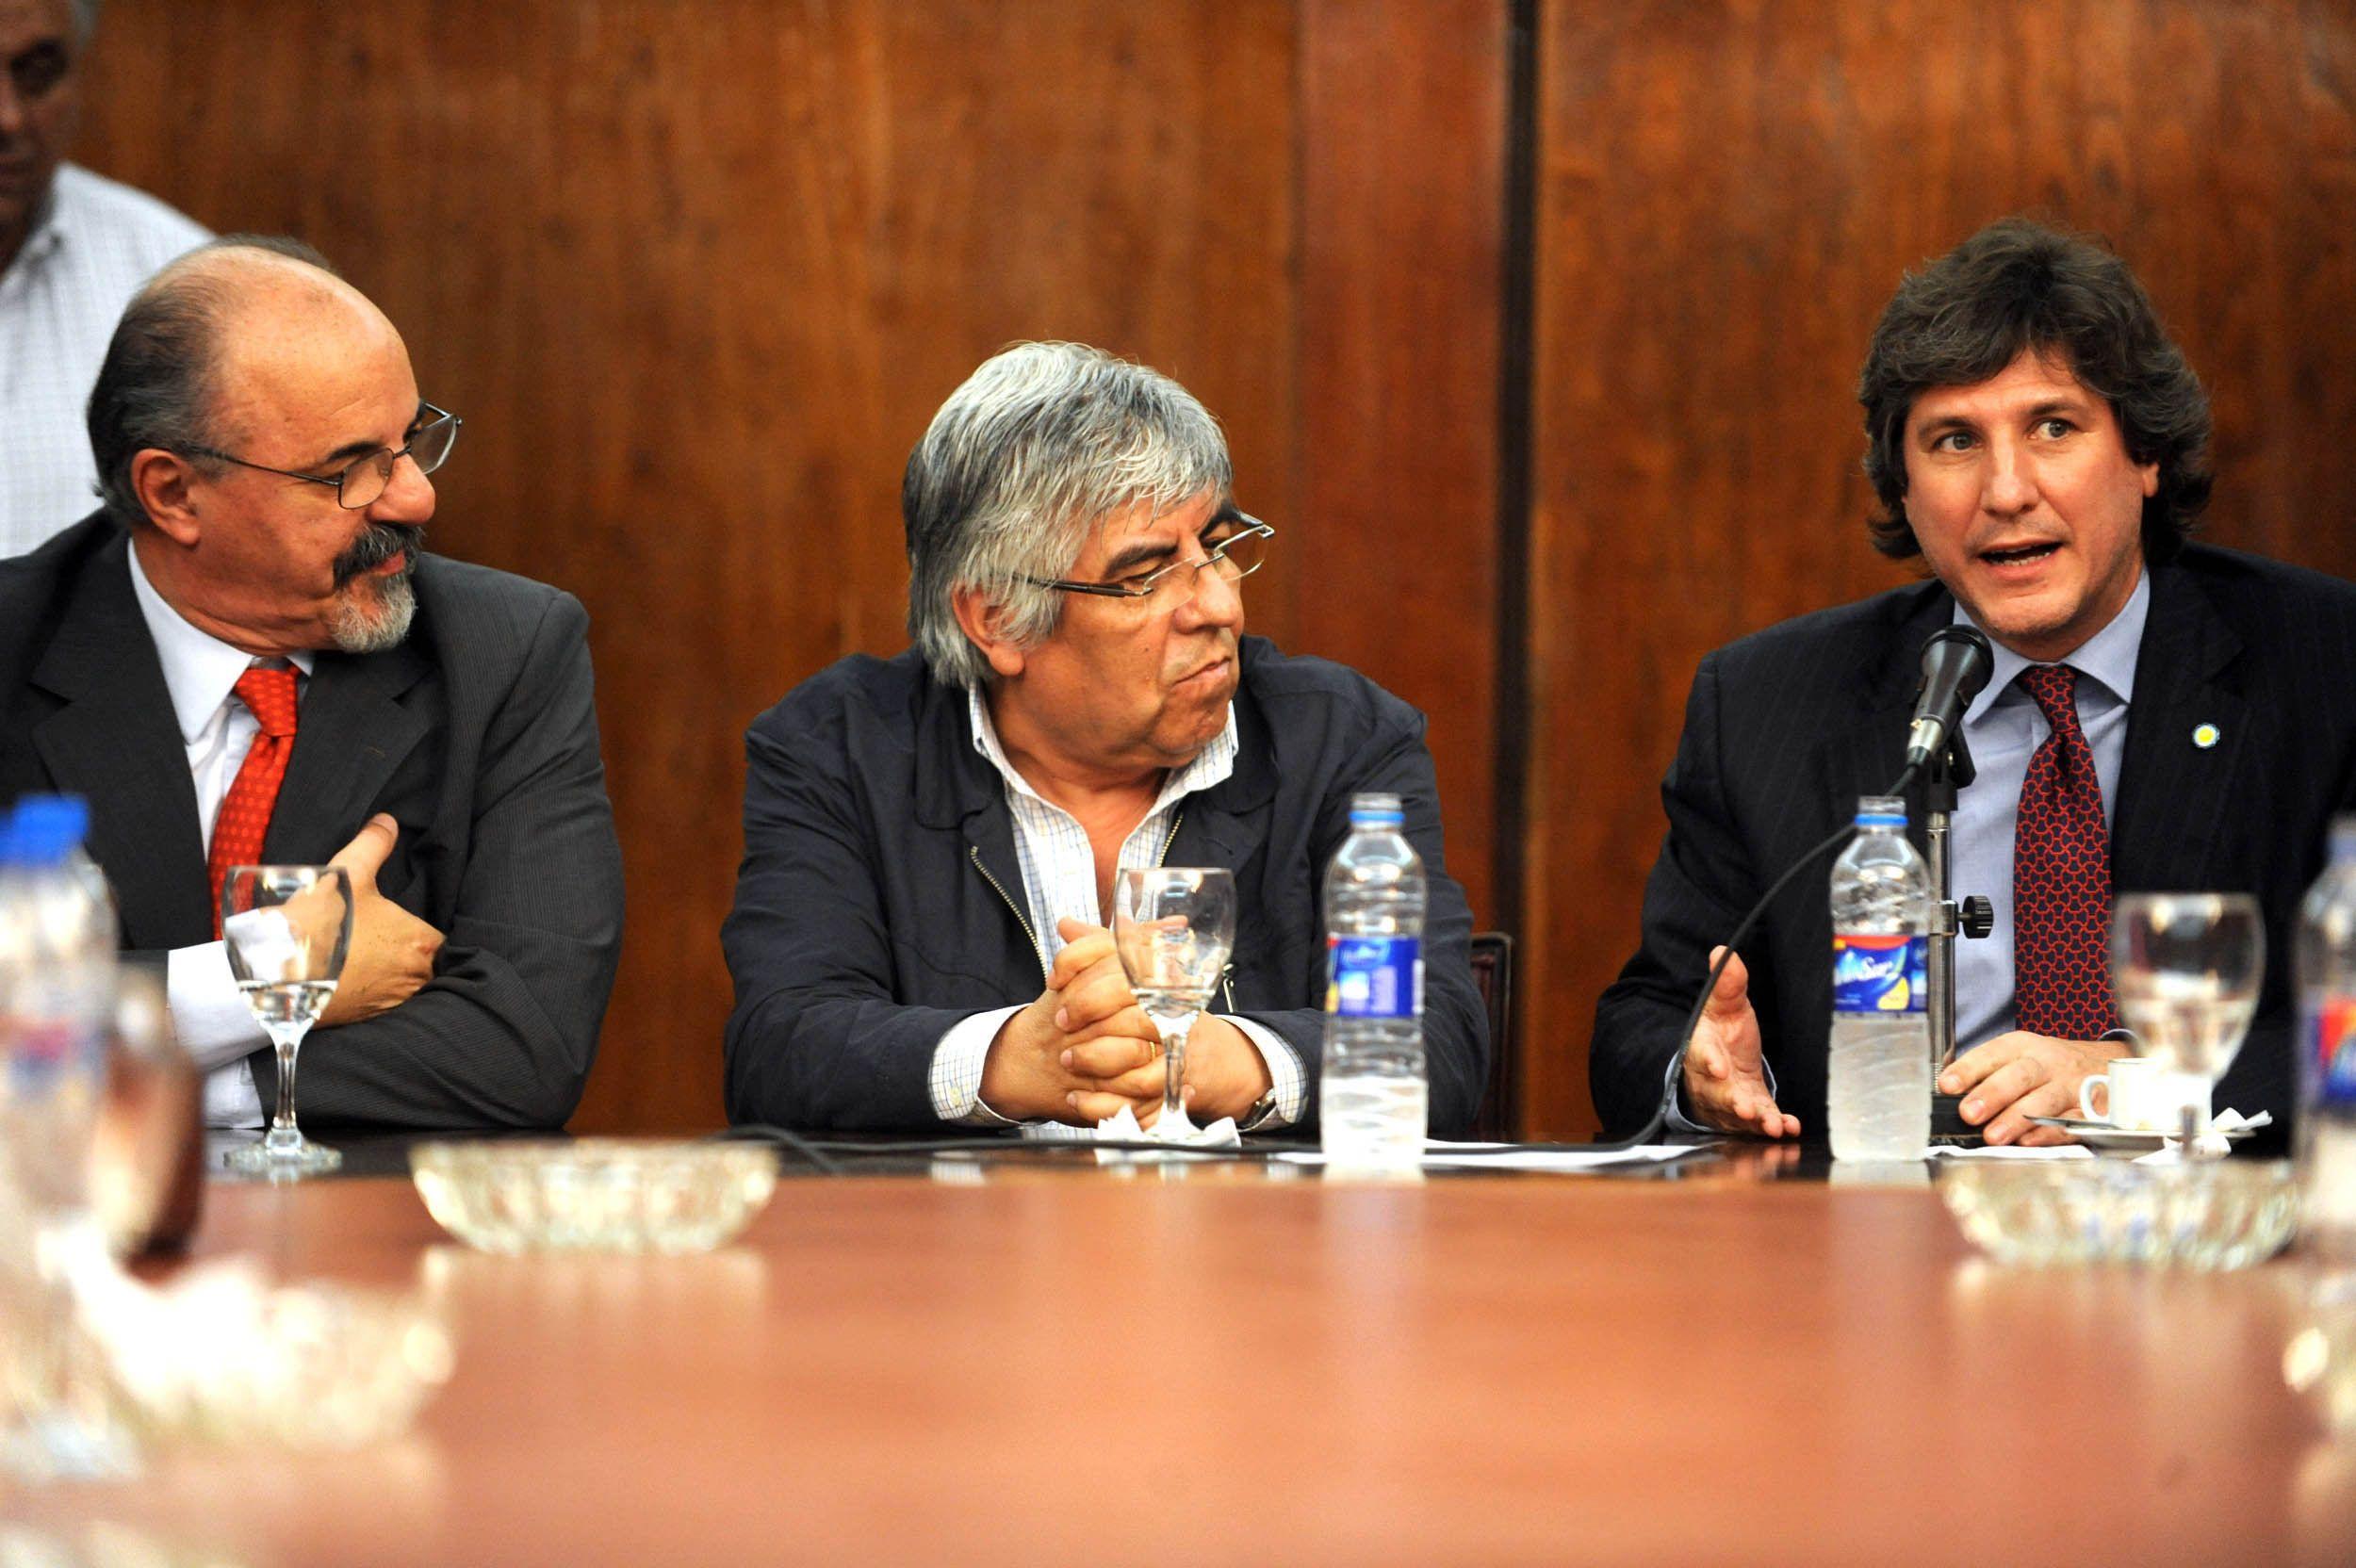 Se firmó un acta acuerdo y los cerealeros de Rosario levantaron el paro